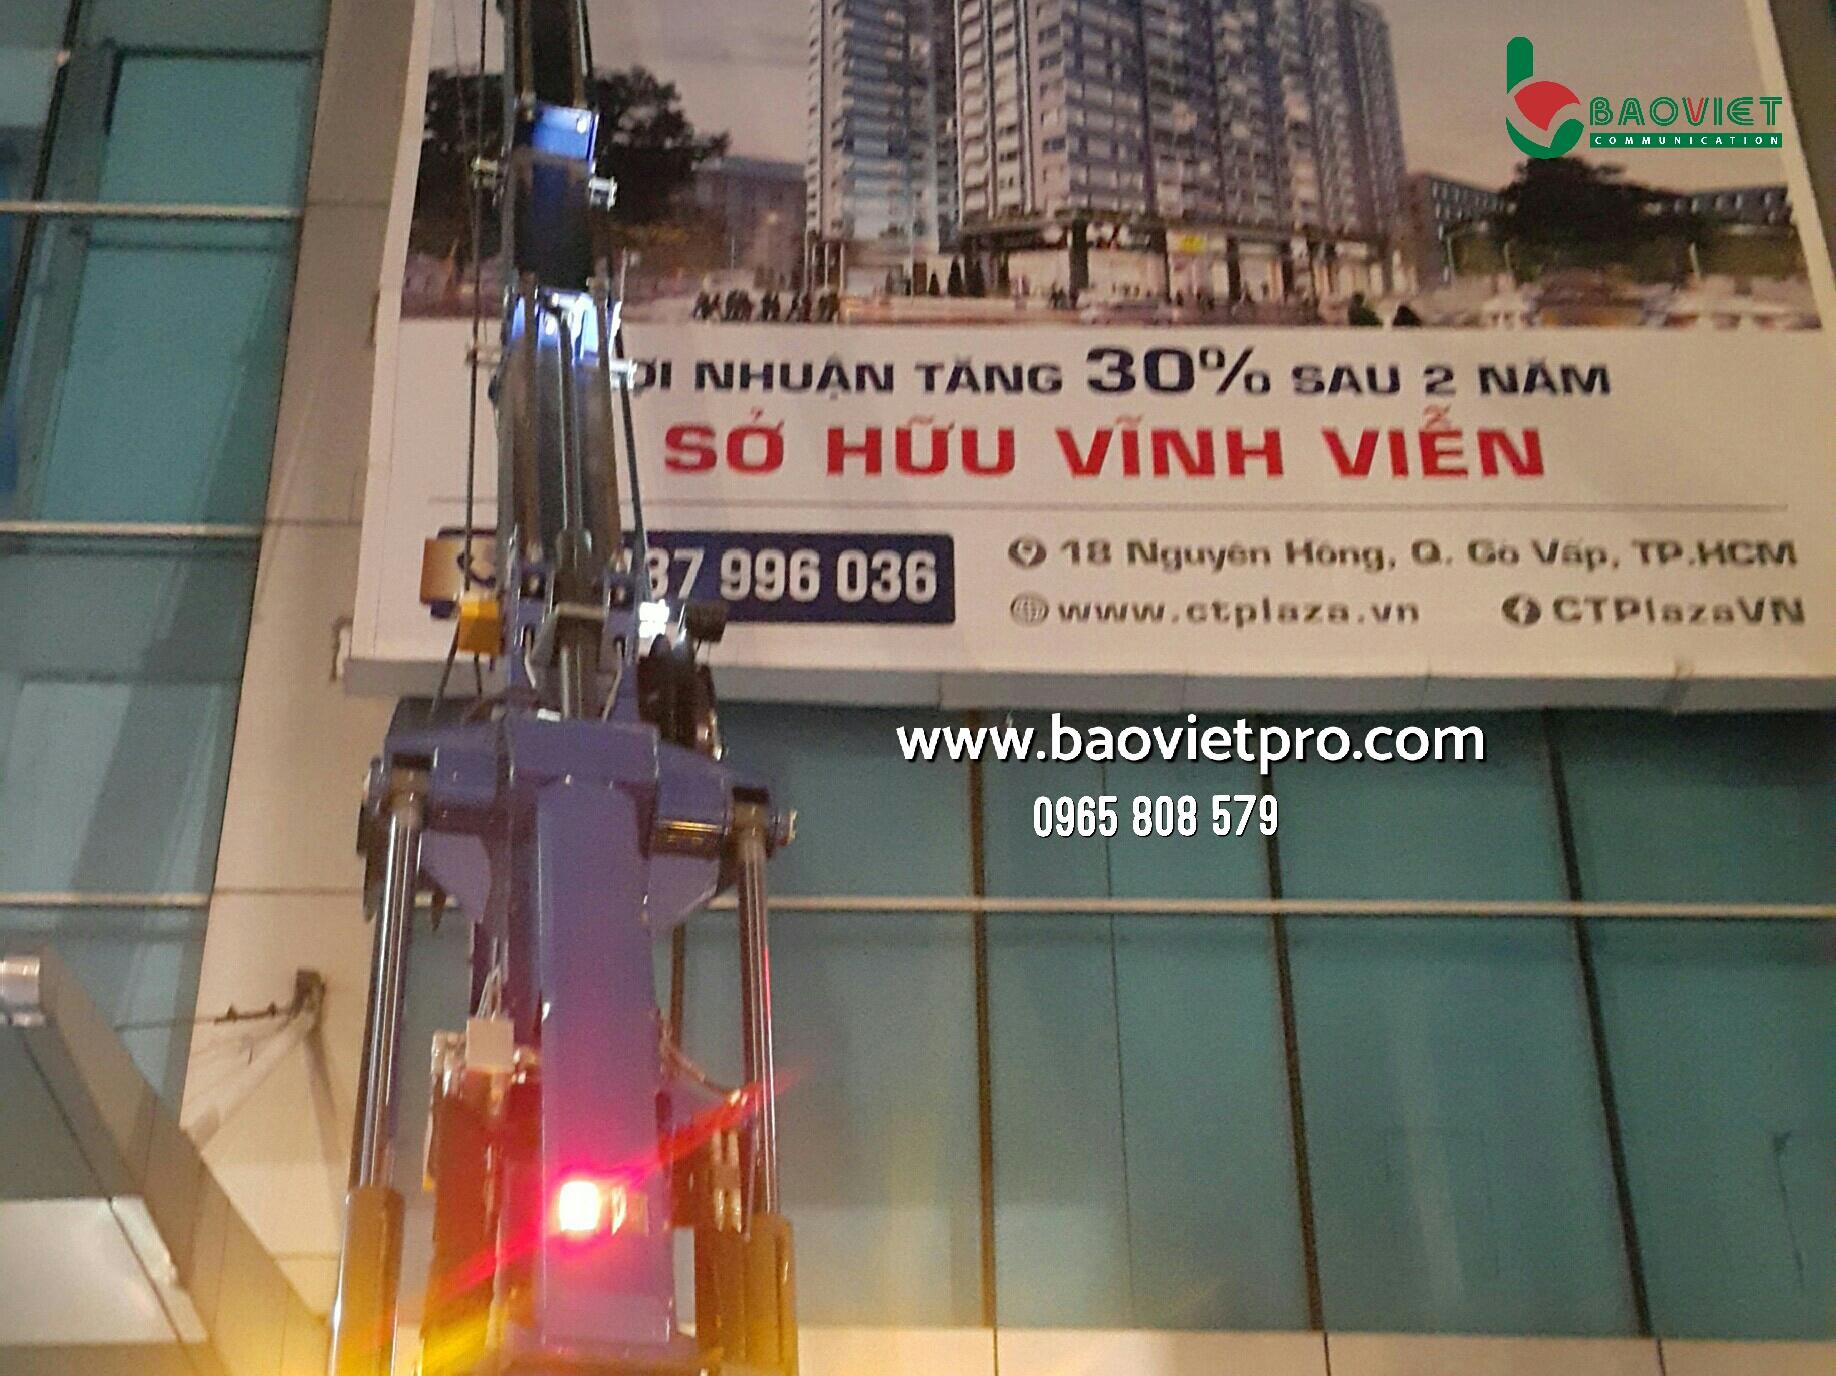 Thi công Pano CT Plaza Trường Sơn (6)